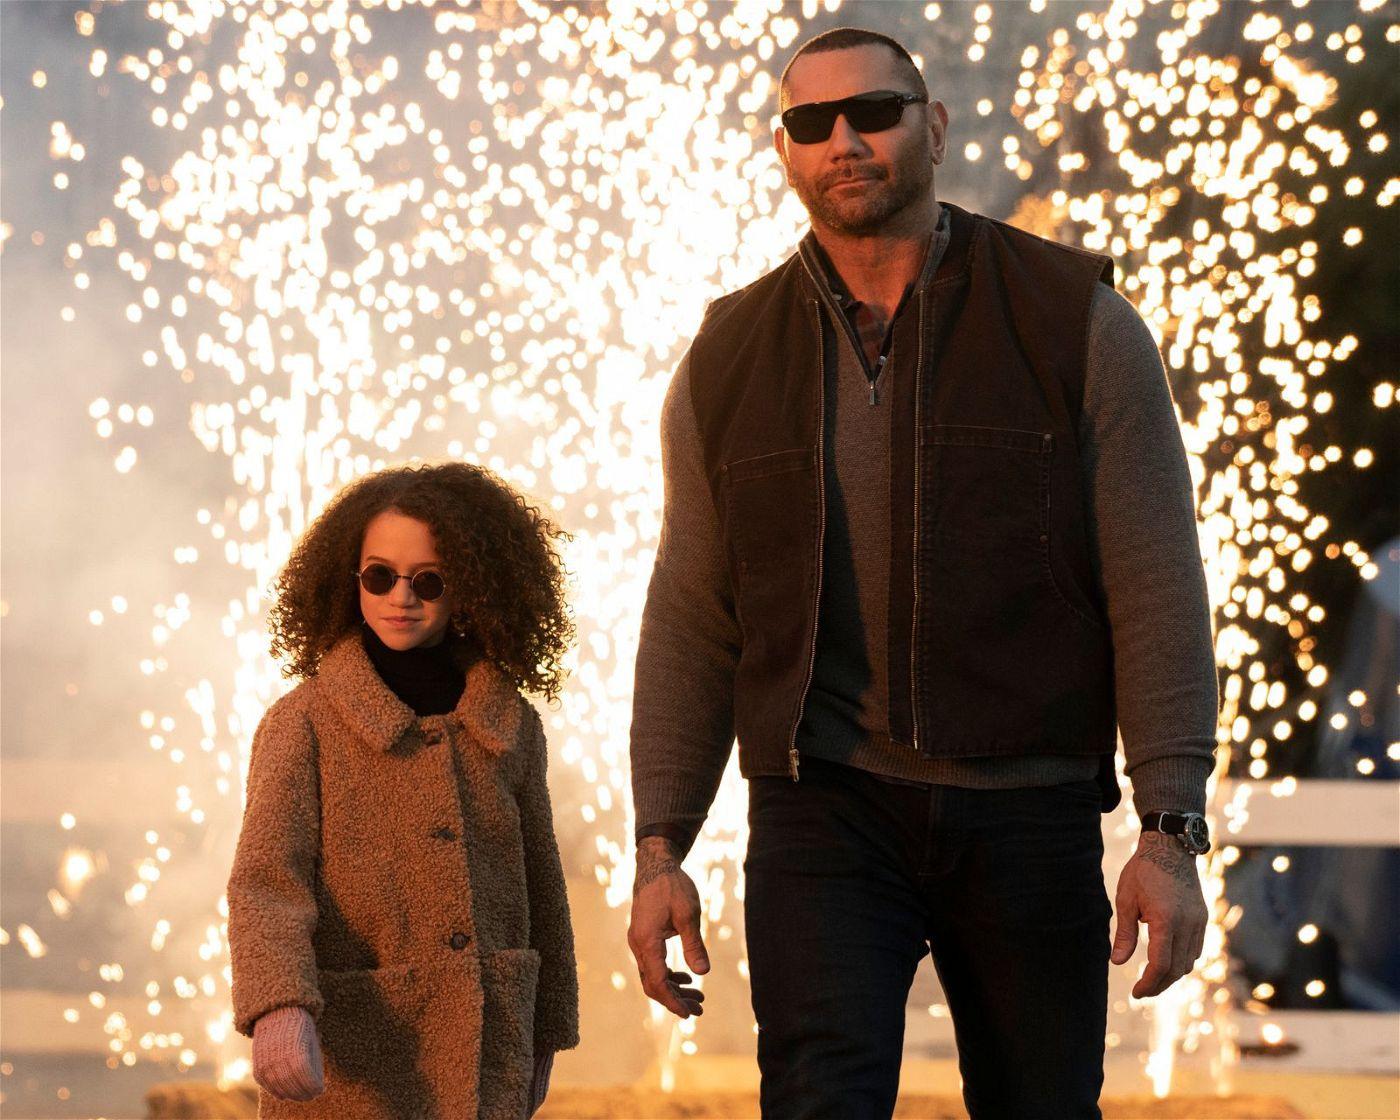 Das Outfit stimmt schon mal: JJ (Dave Bautista) und Sophie (Chloe Coleman) machen einen auf Agent.